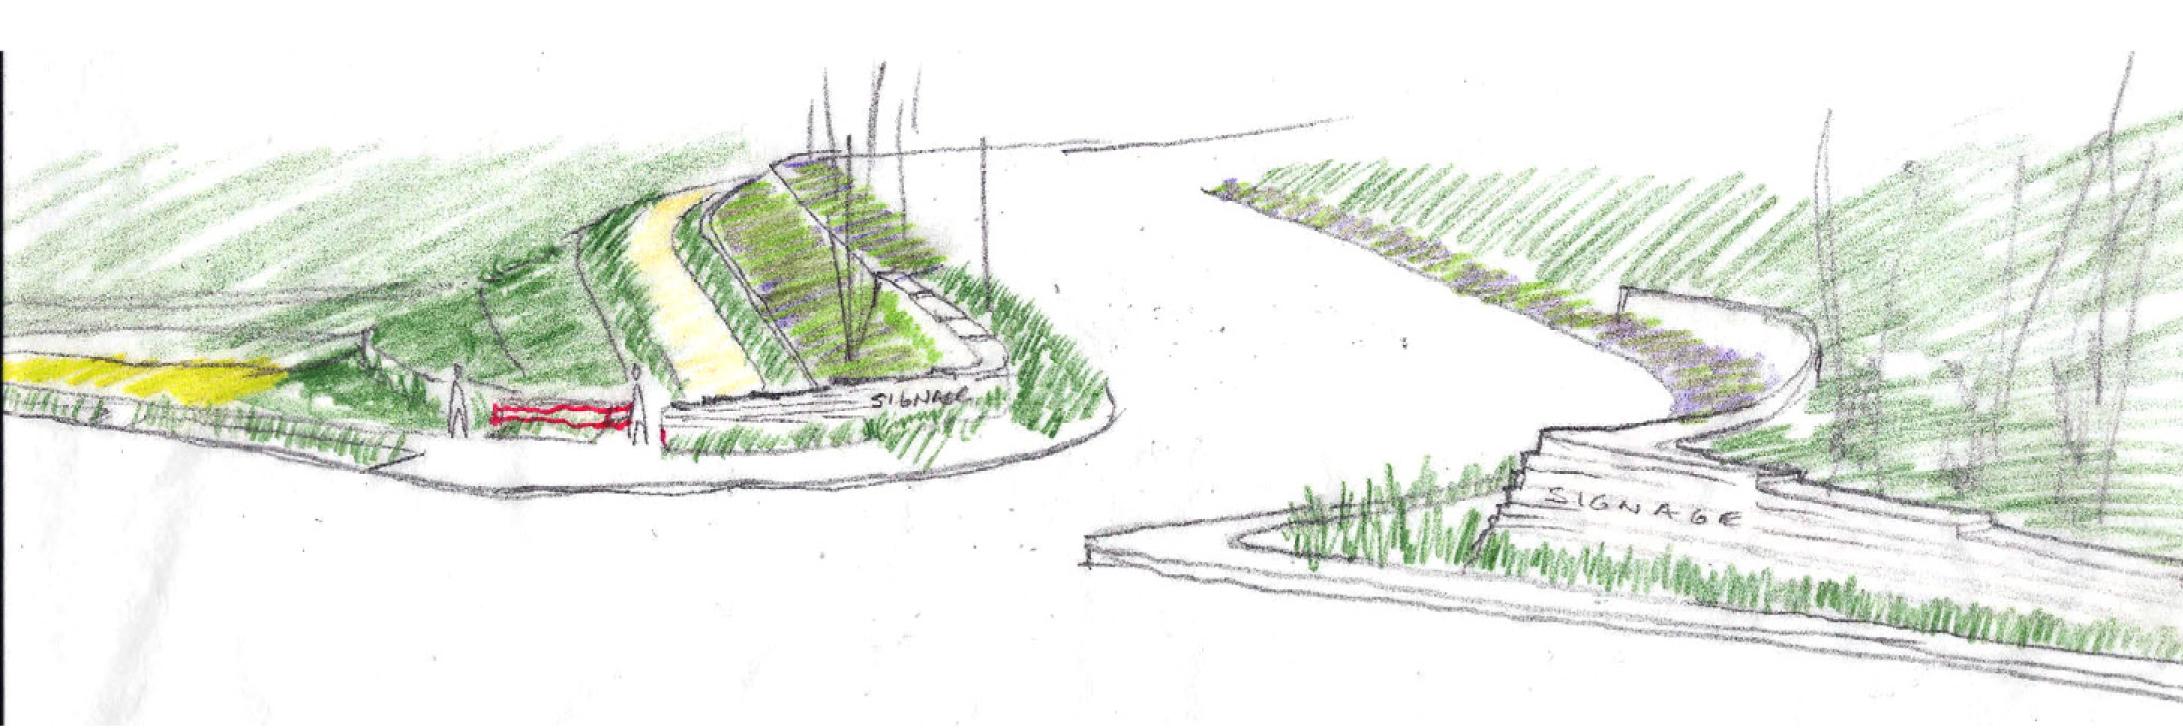 Summit Drawings (3).jpg